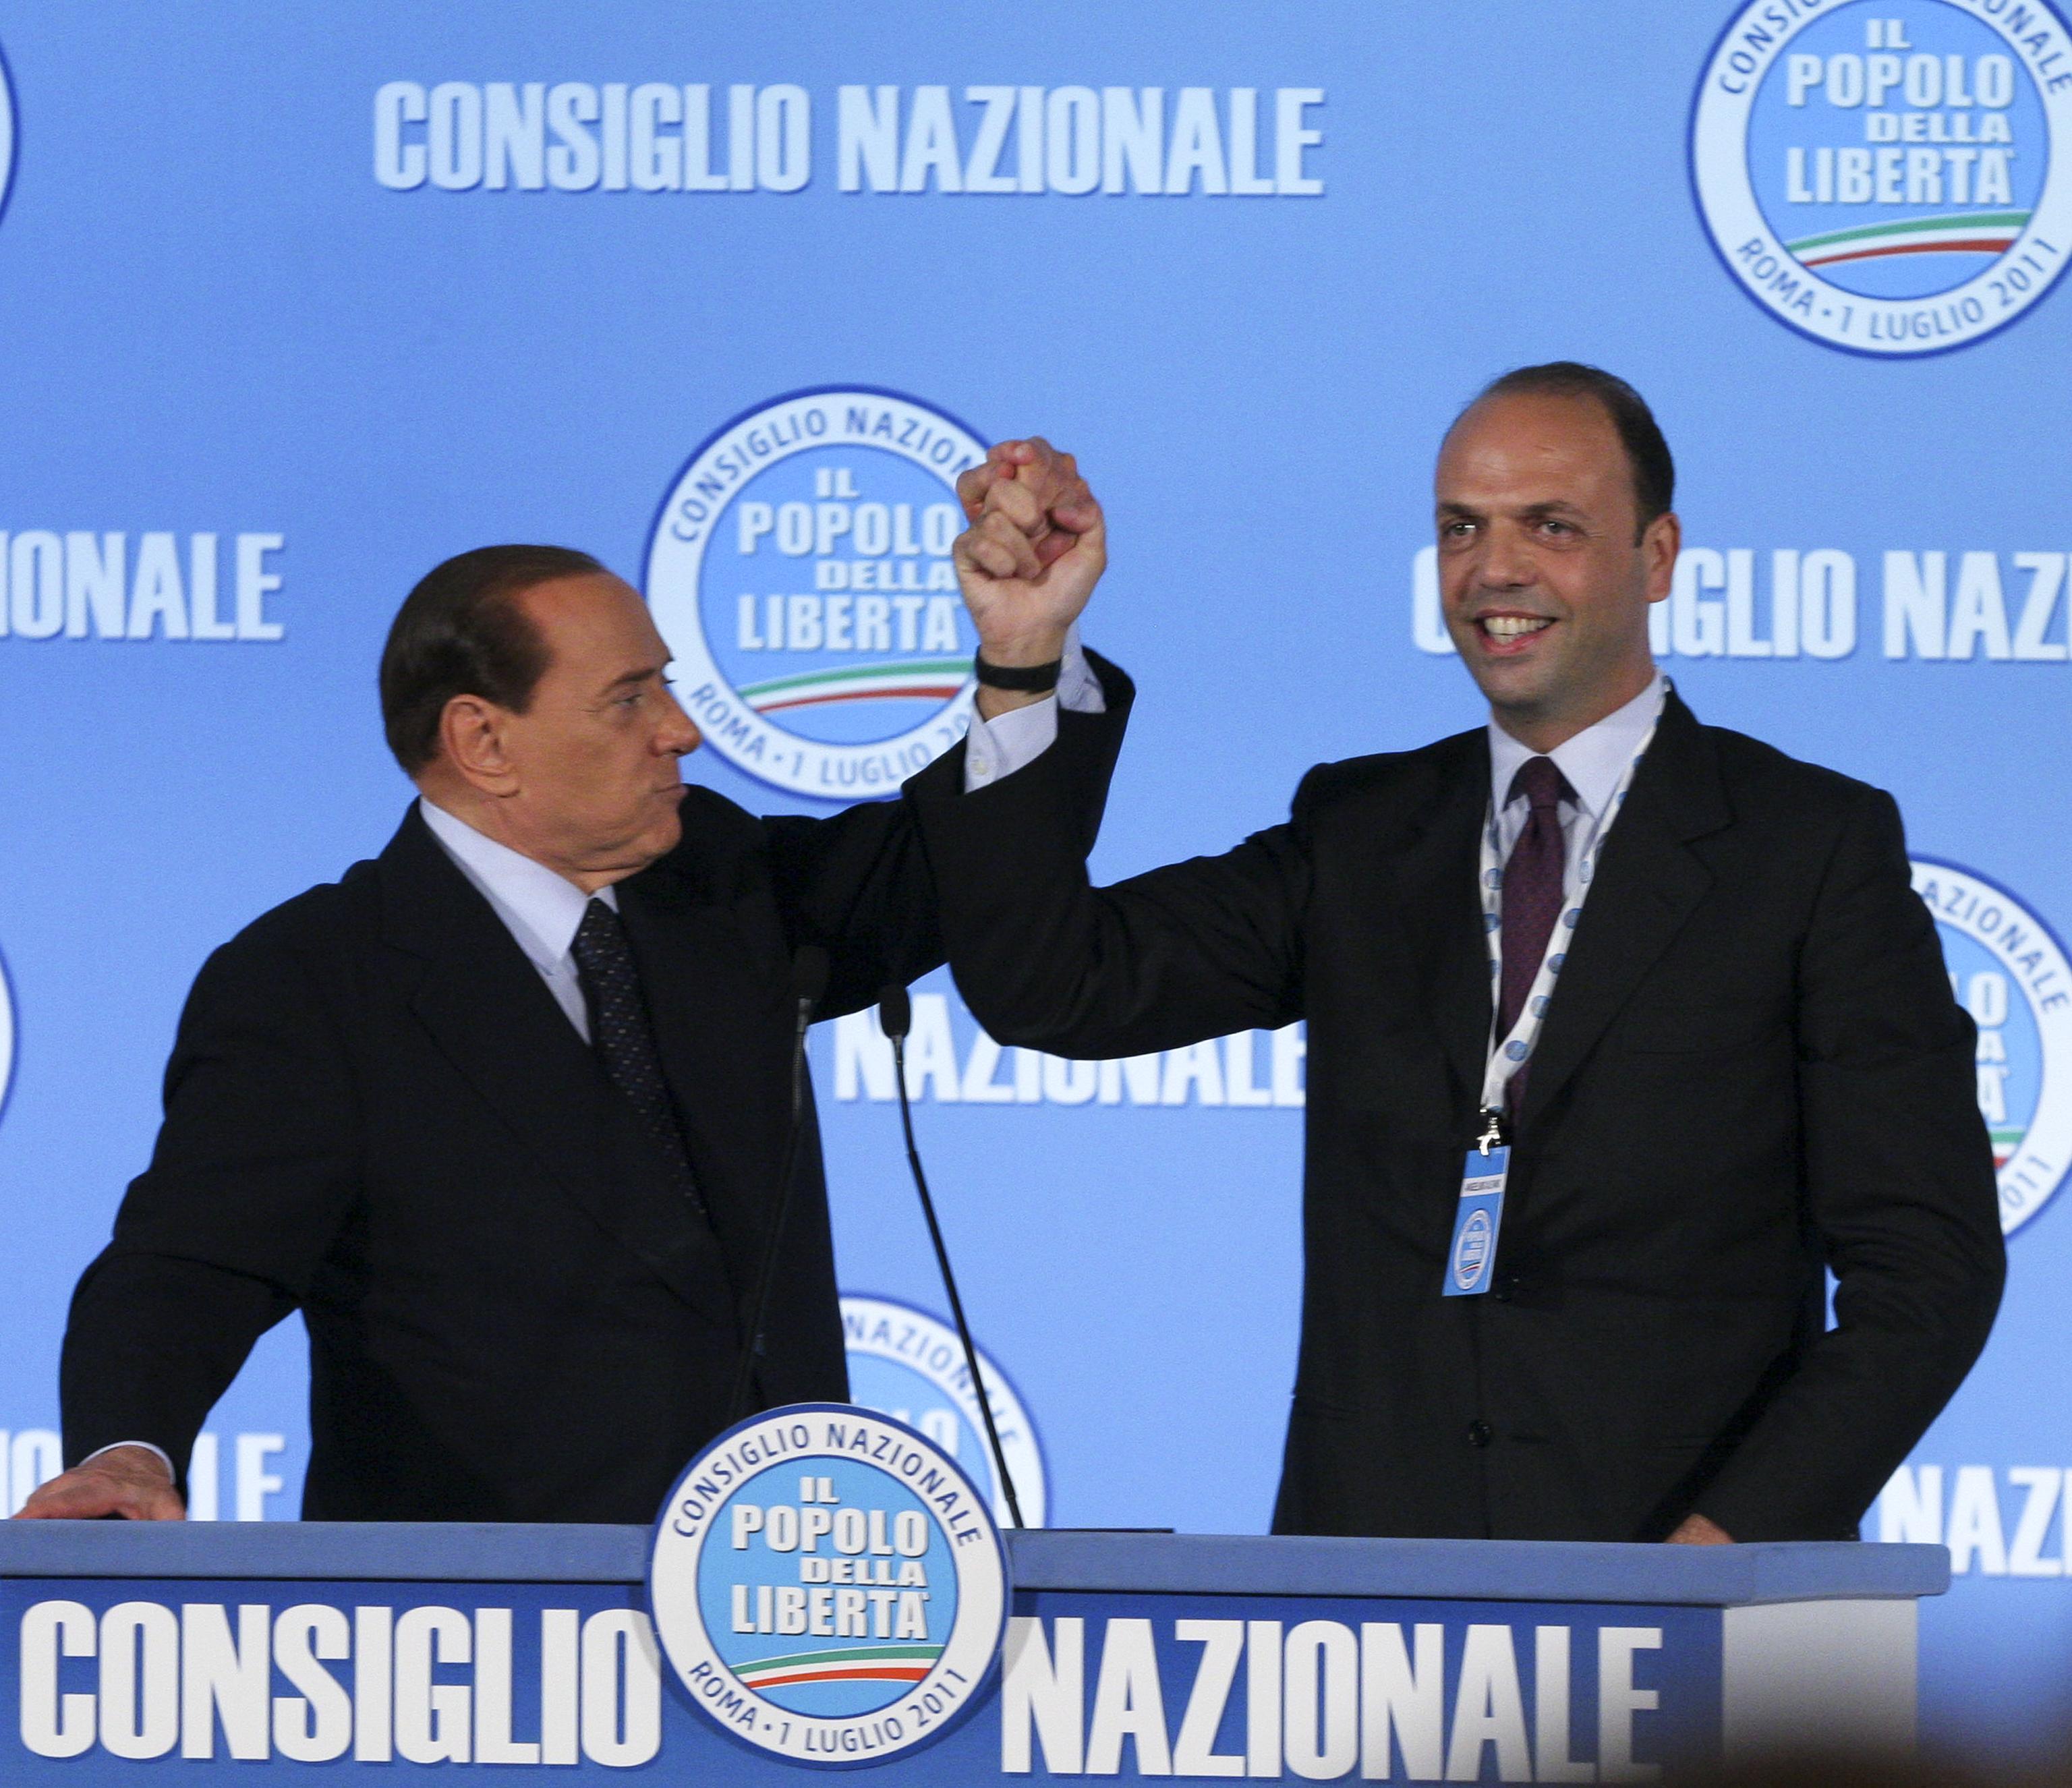 Silvio Berlusconi sceglie il suo erede Angelino Alfano, designandolo segretario del Pdl il primo luglio 2011 (Ansa/Peri)